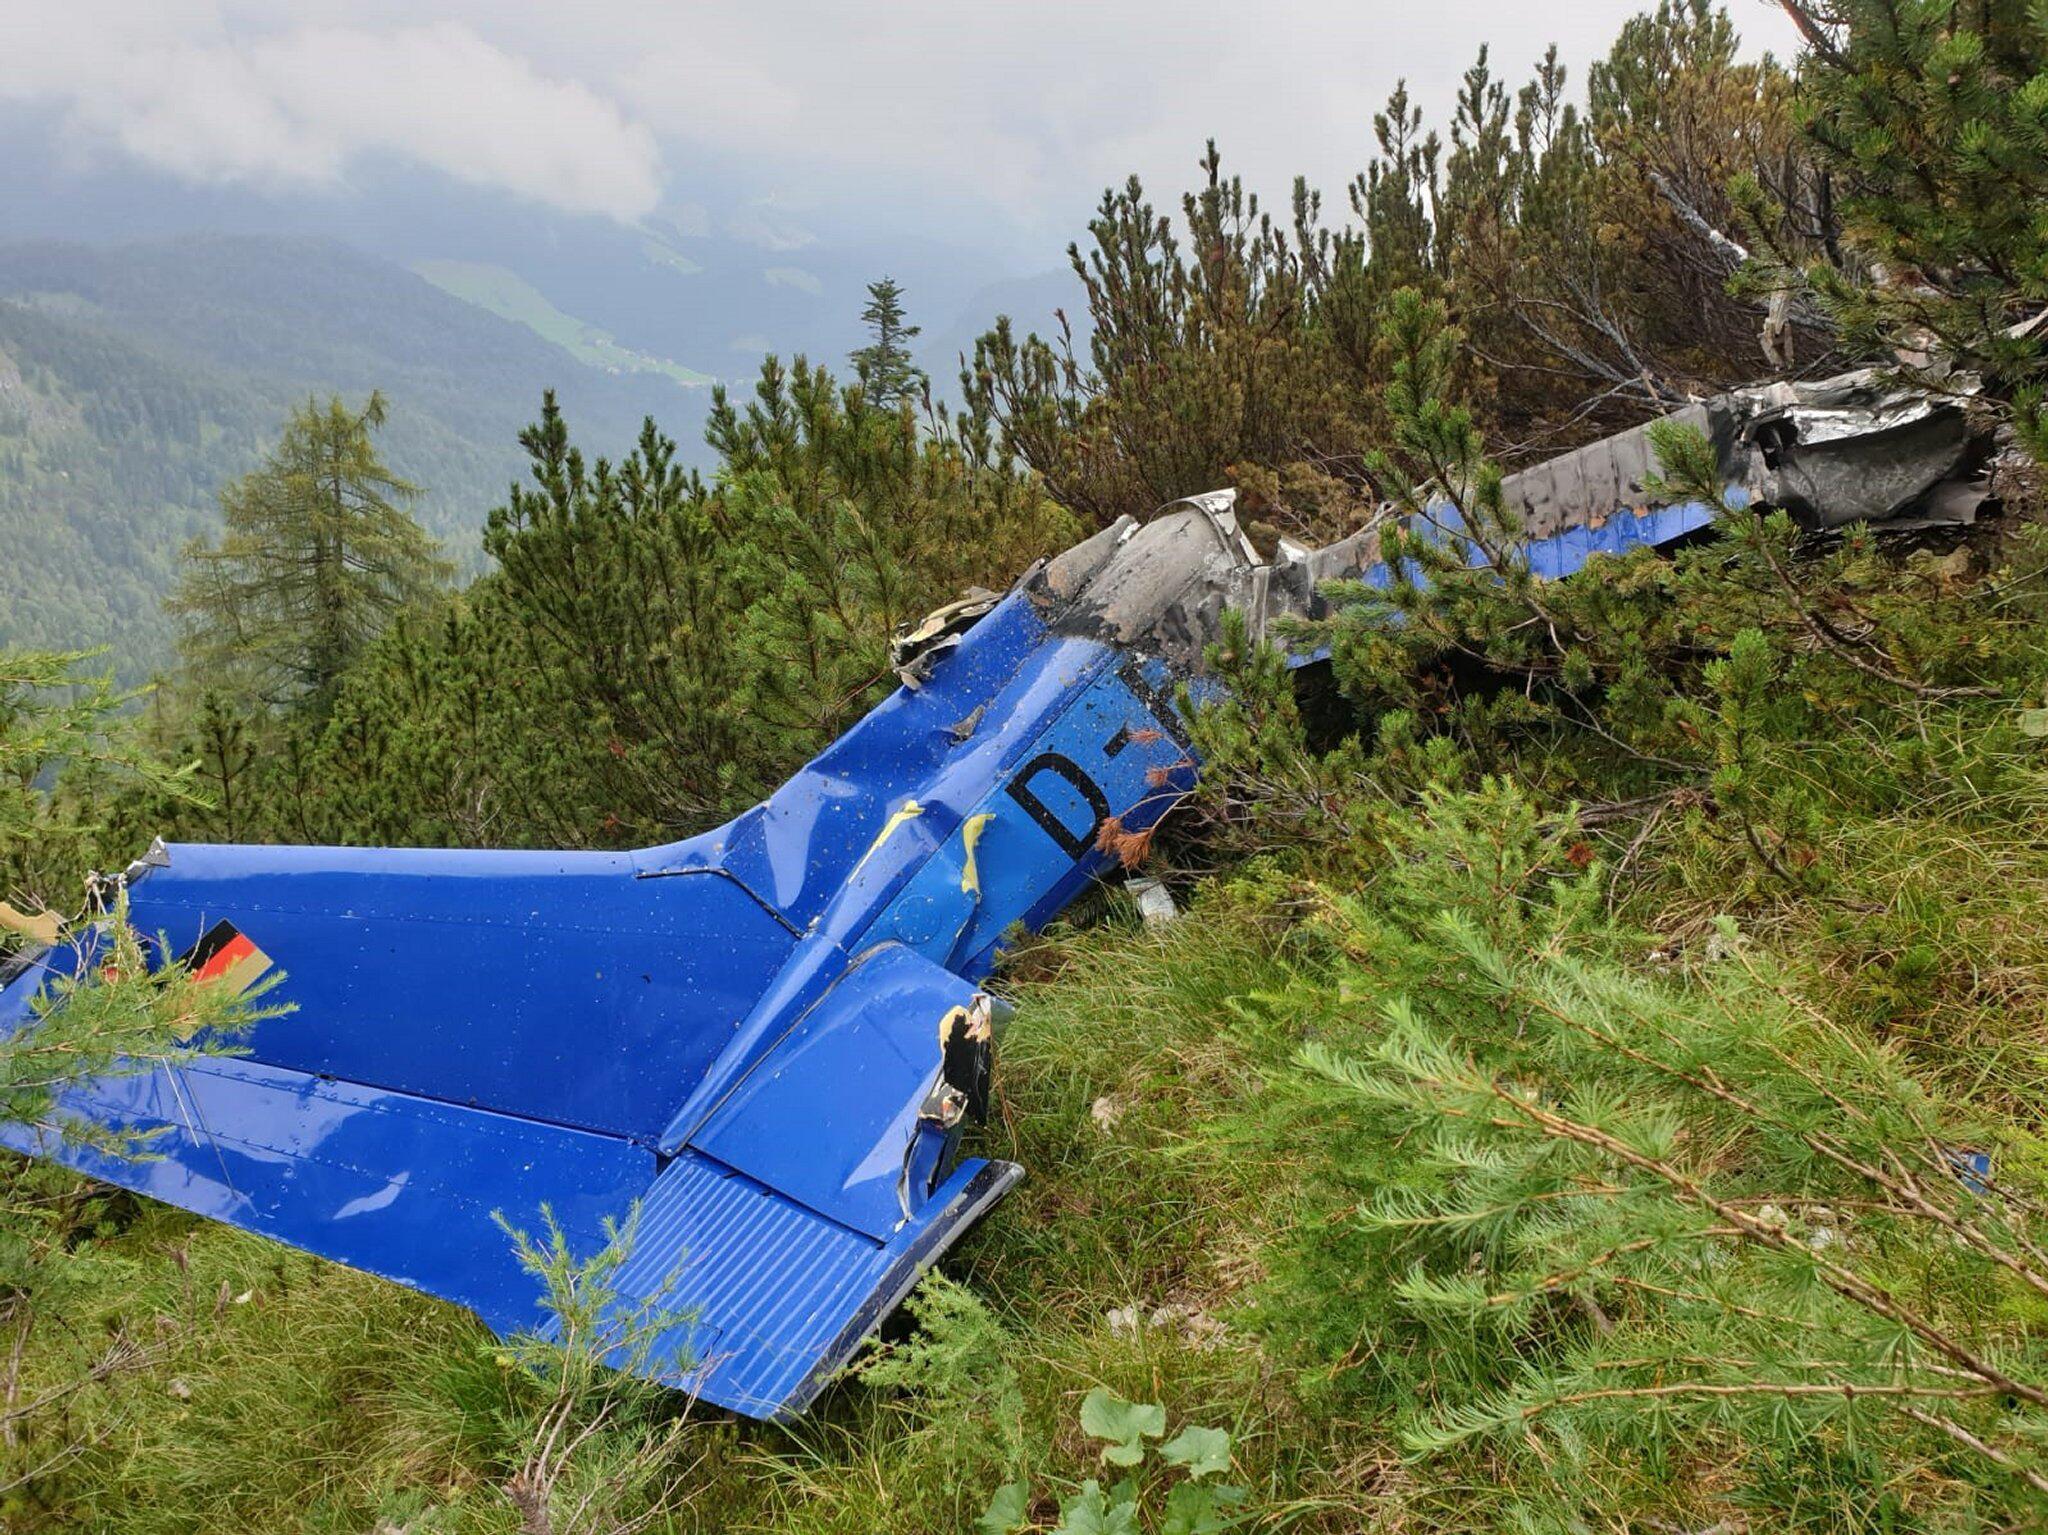 Bild zu Vermisstes Kleinflugzeug in Bayern entdeckt